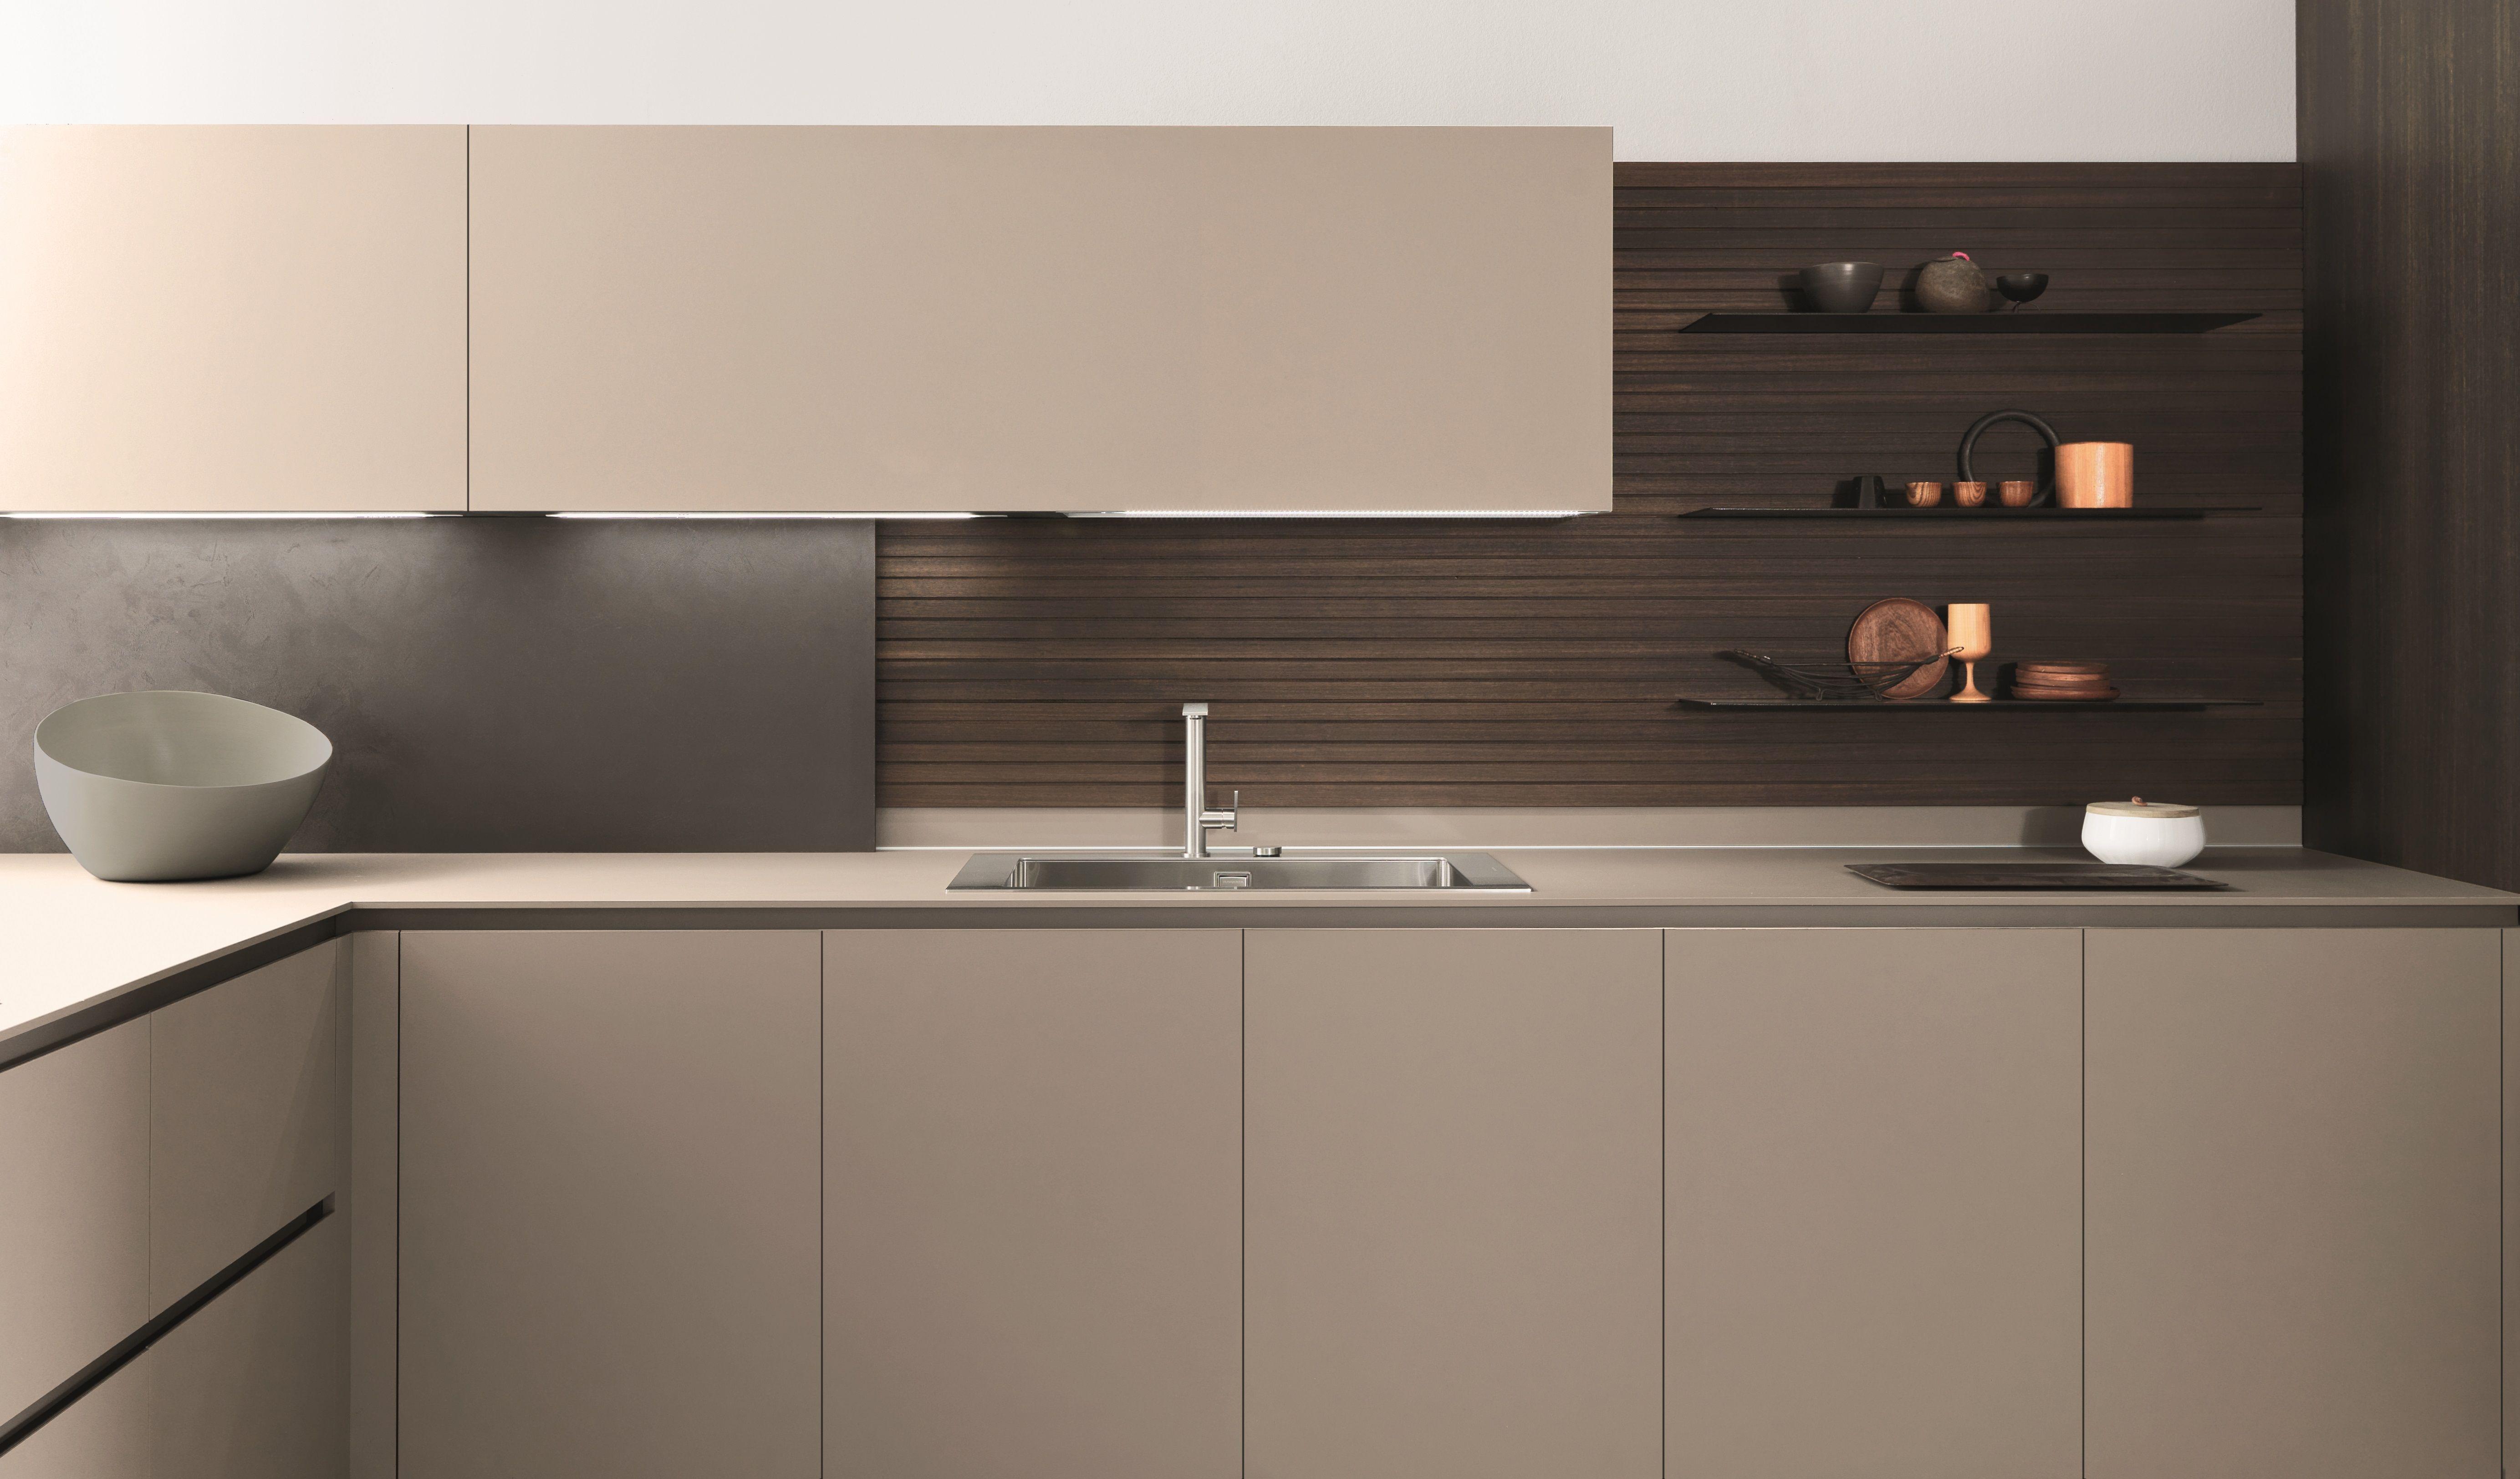 Modern Italian Kitchen With Contemporary Finishings In 2020 White Modern Kitchen Modern Kitchen Cabinets Kitchen Design